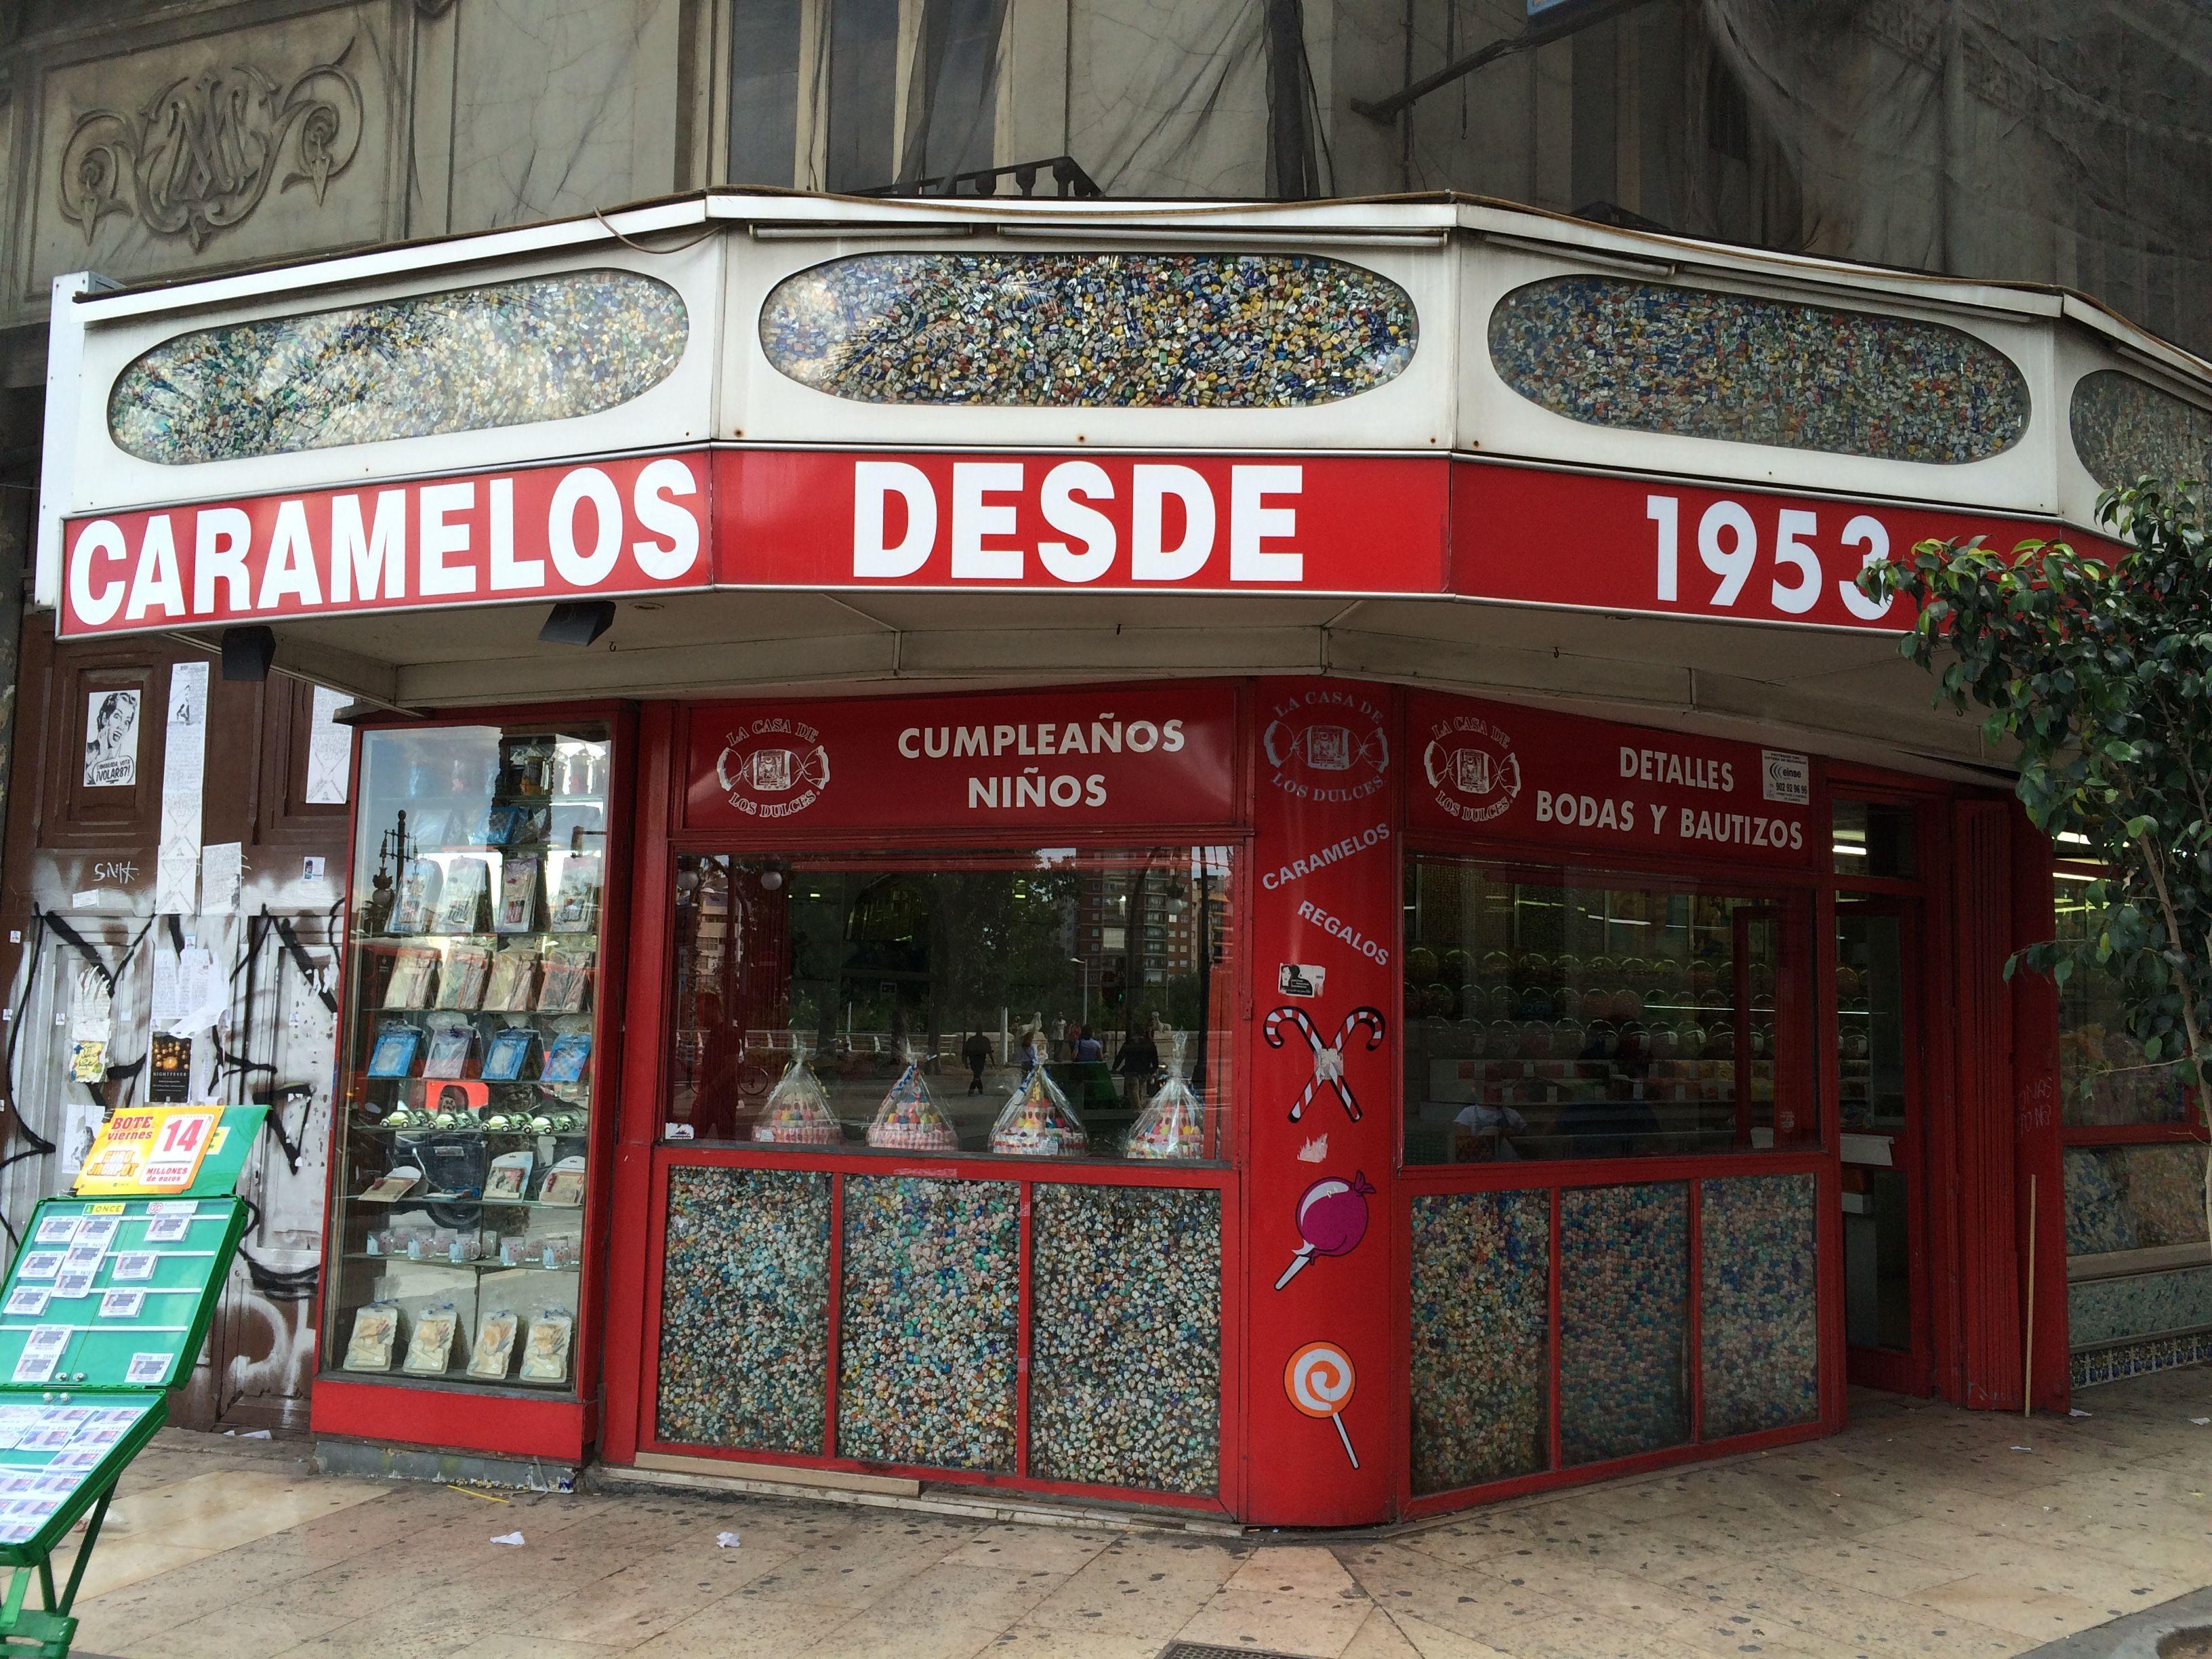 Valencia casa de los caramelos desaparecida en noviembre de 2017 valencia en 2019 pinterest - Casa de los caramelos valencia ...